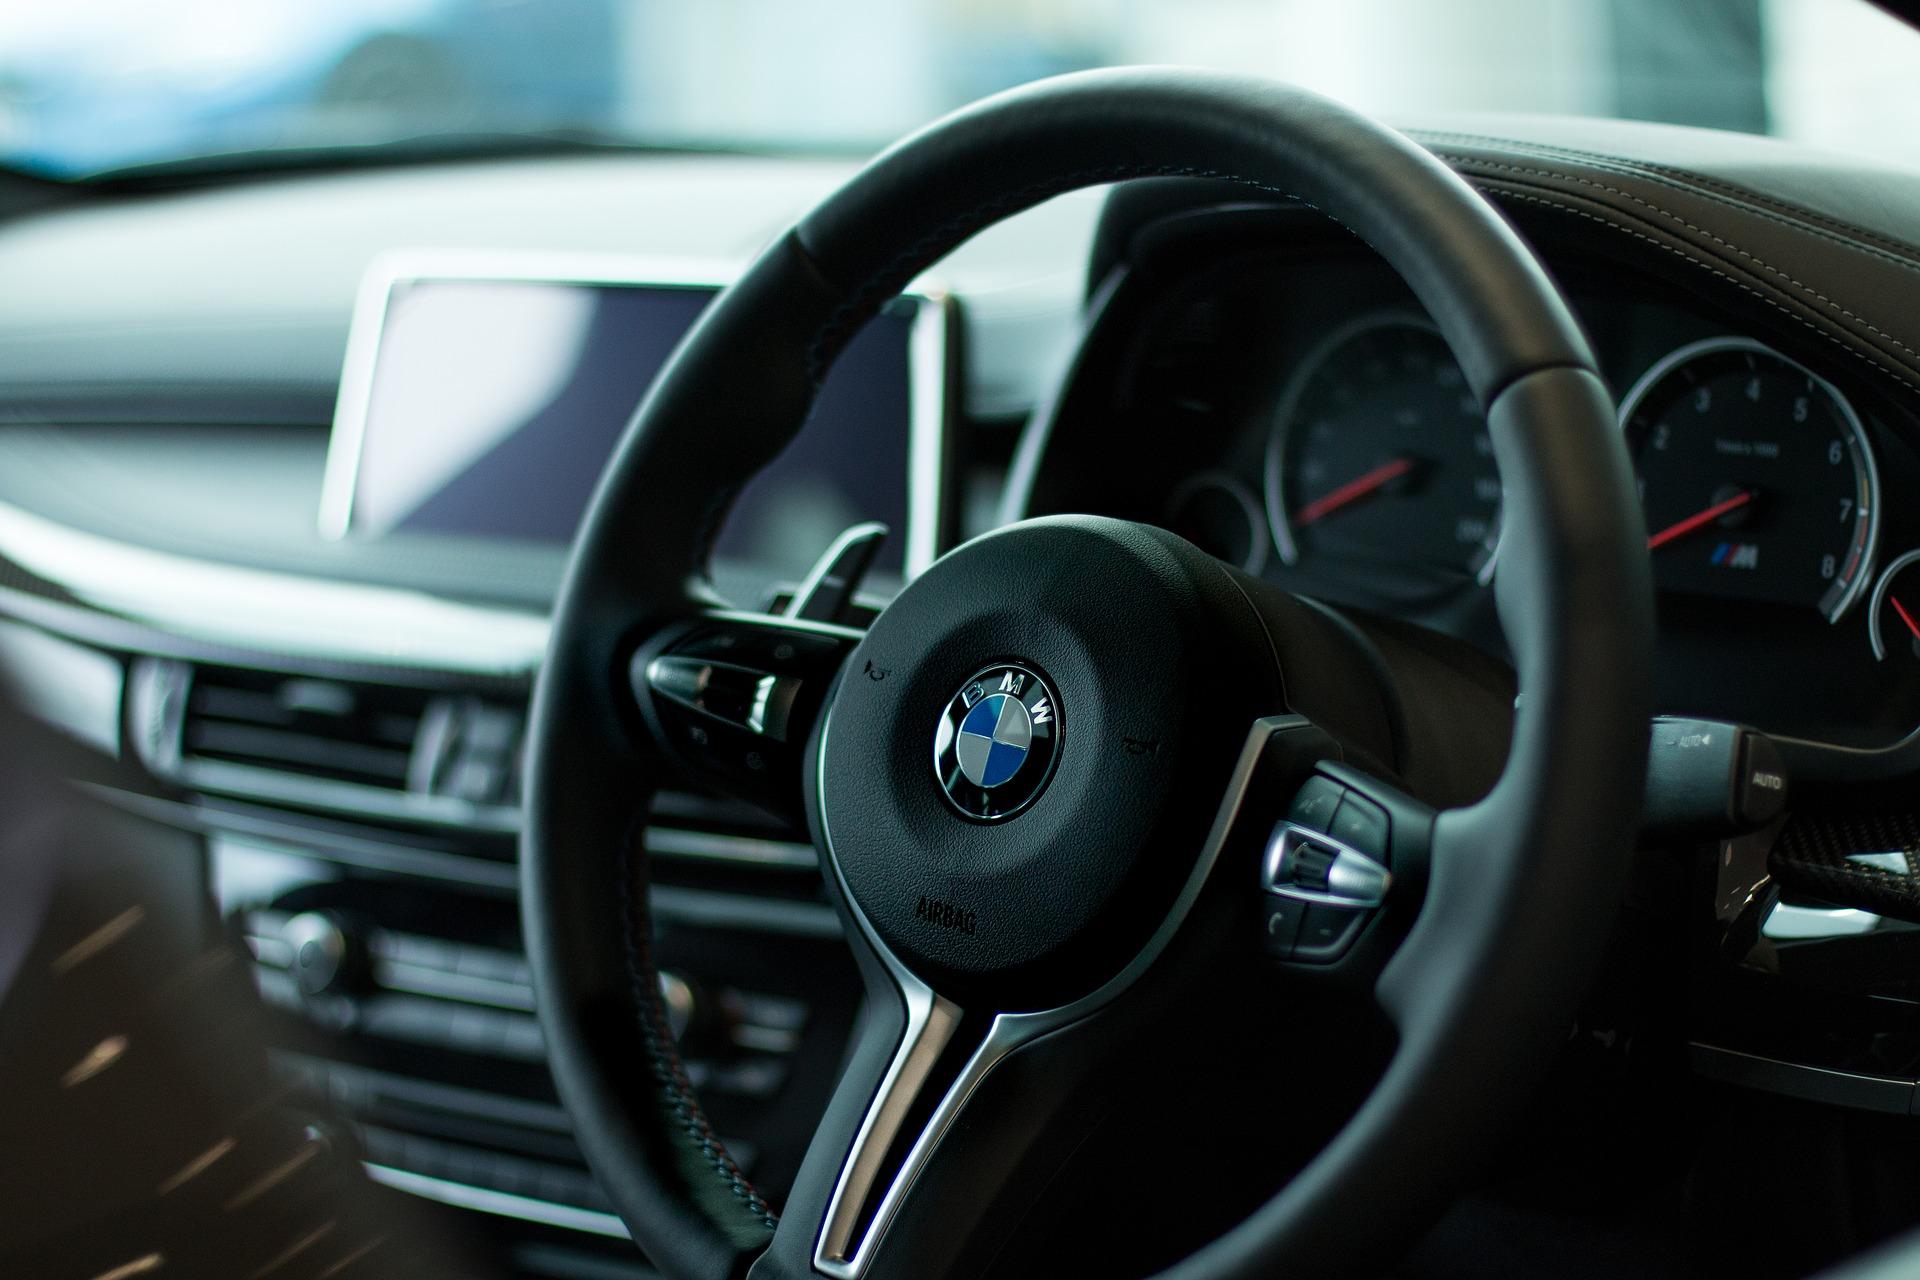 En 2019, une voiture coûtait 26.807 euros en moyenne